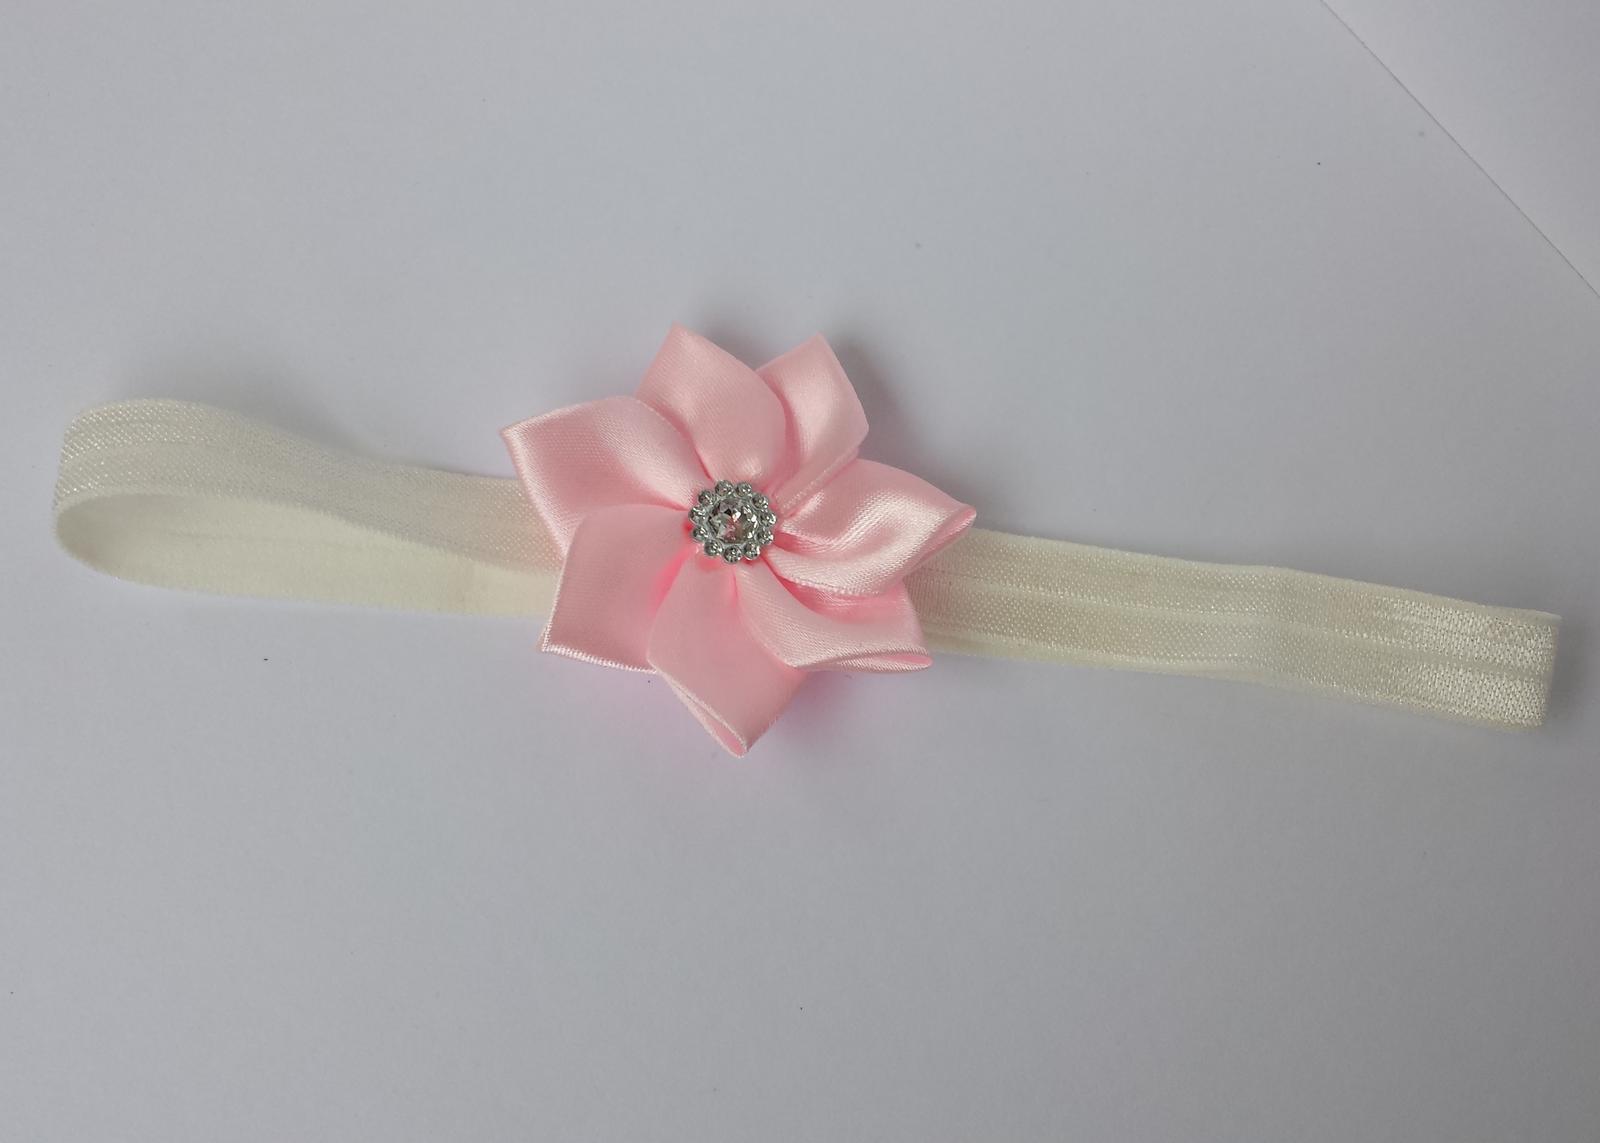 Čelenka pro malou družičku růžový kanzashi kvítek - Obrázek č. 1